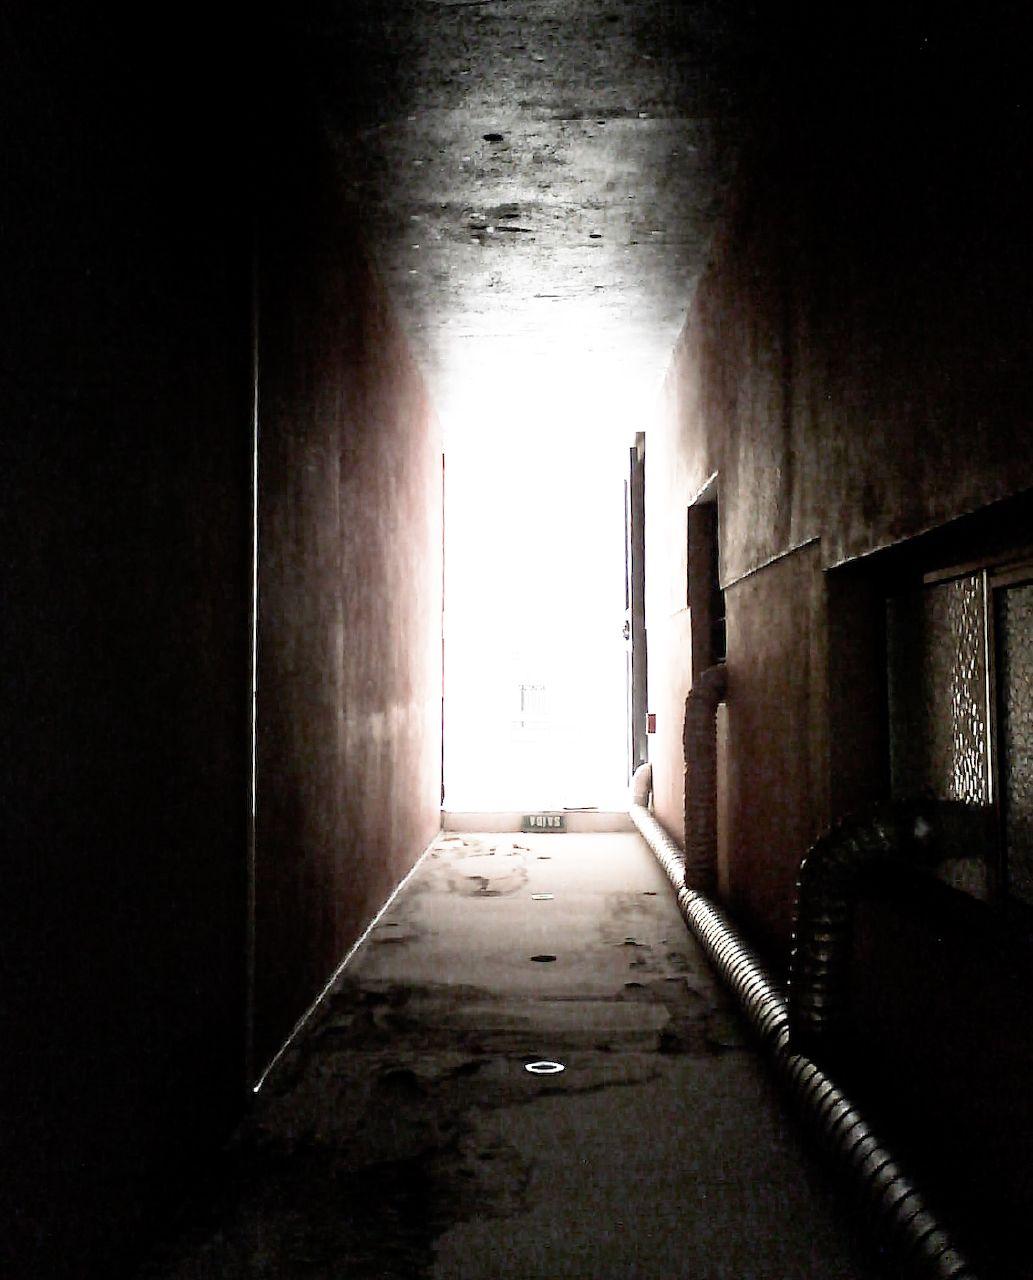 Light From Hallway Lighting Up Room